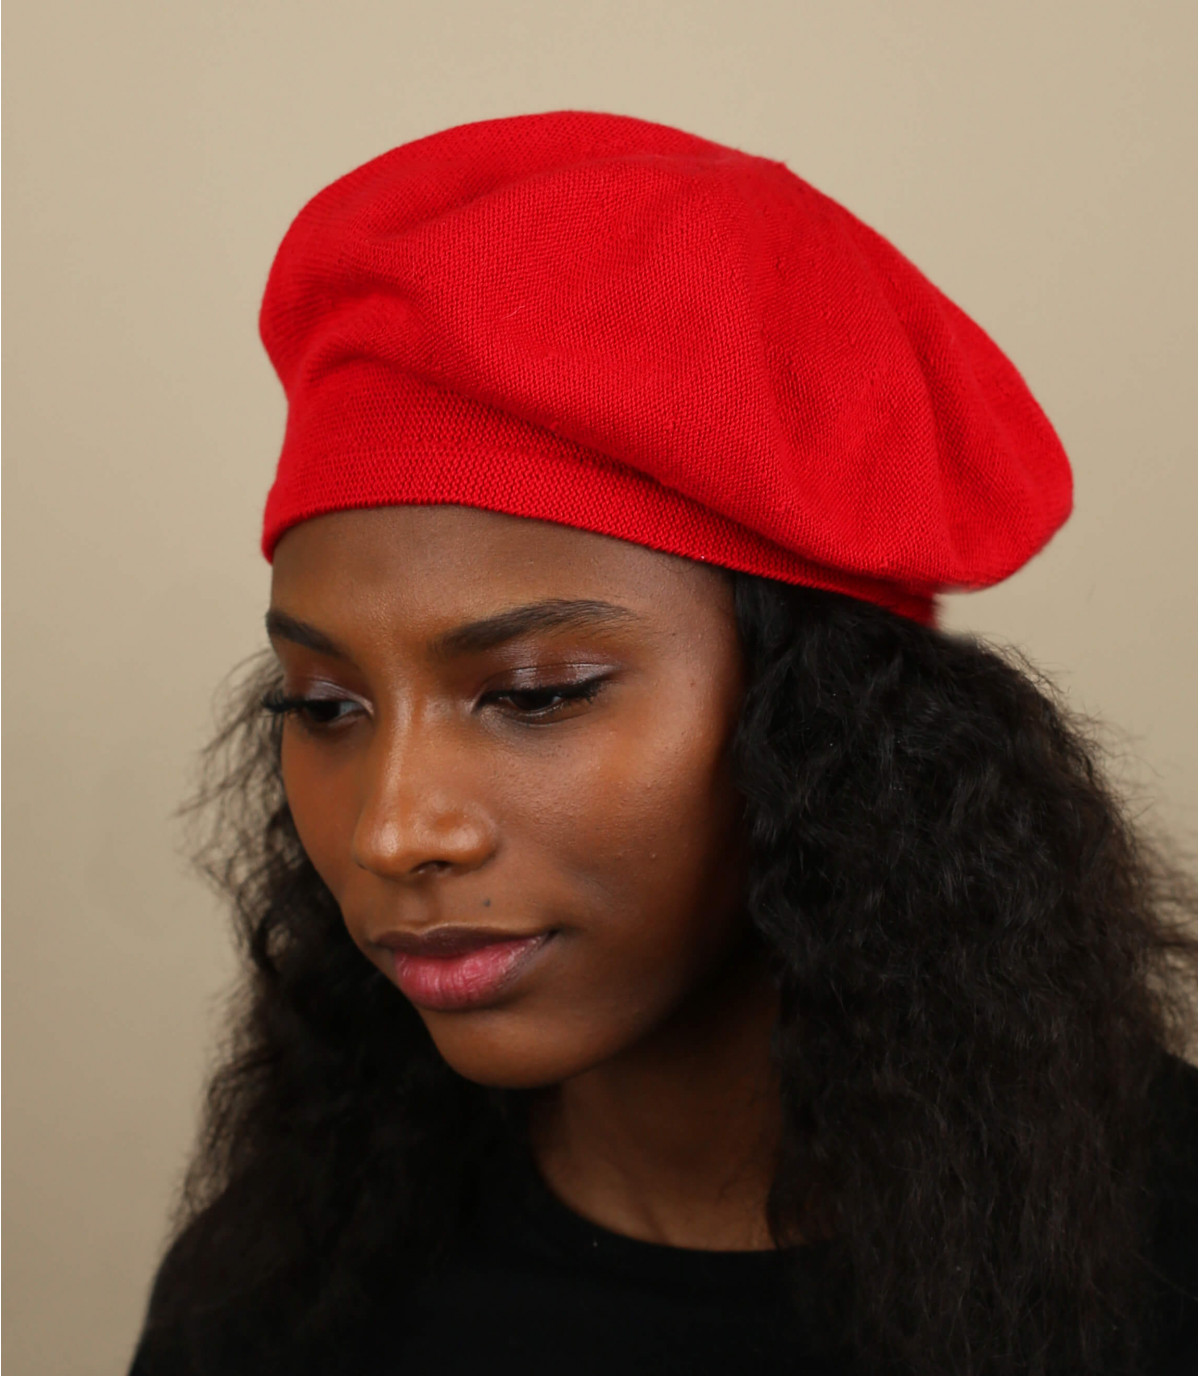 berretto rosso caduta Laulhère